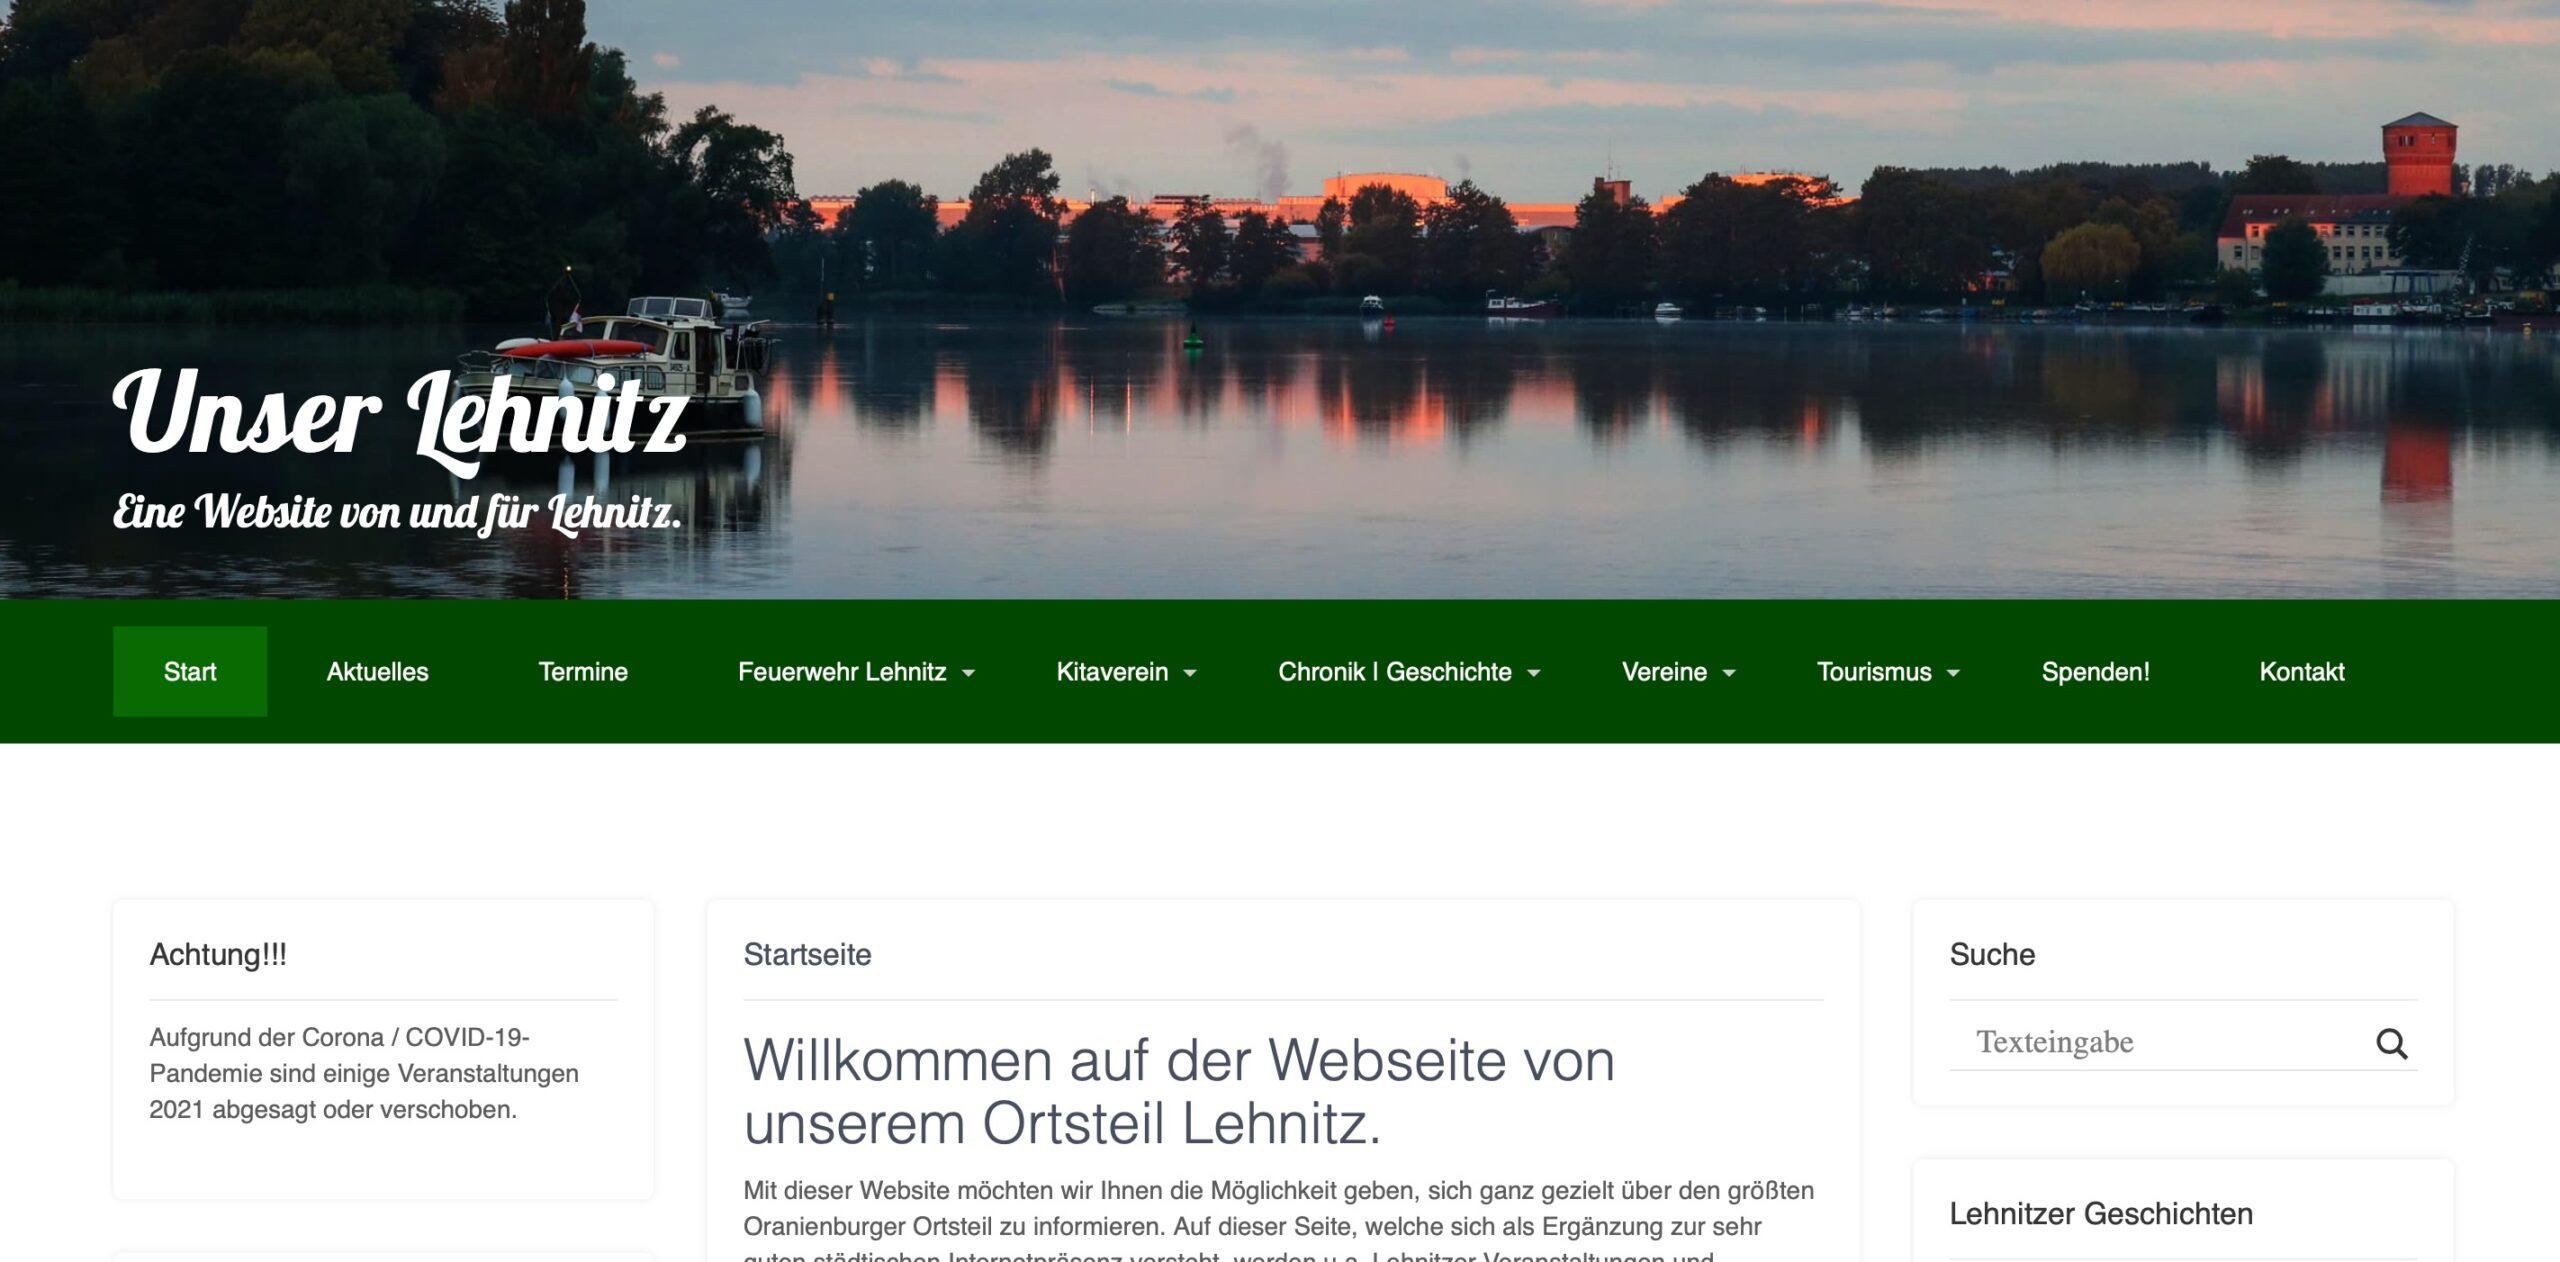 Webseite Unser Lehnitz